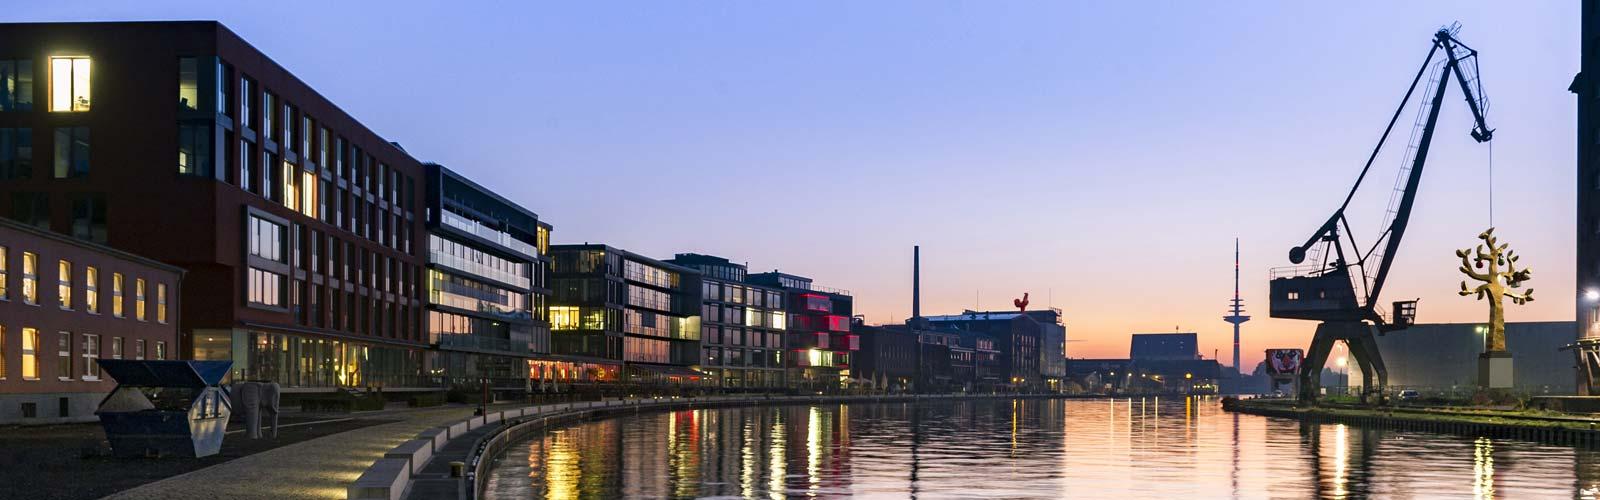 Hafen von Münster